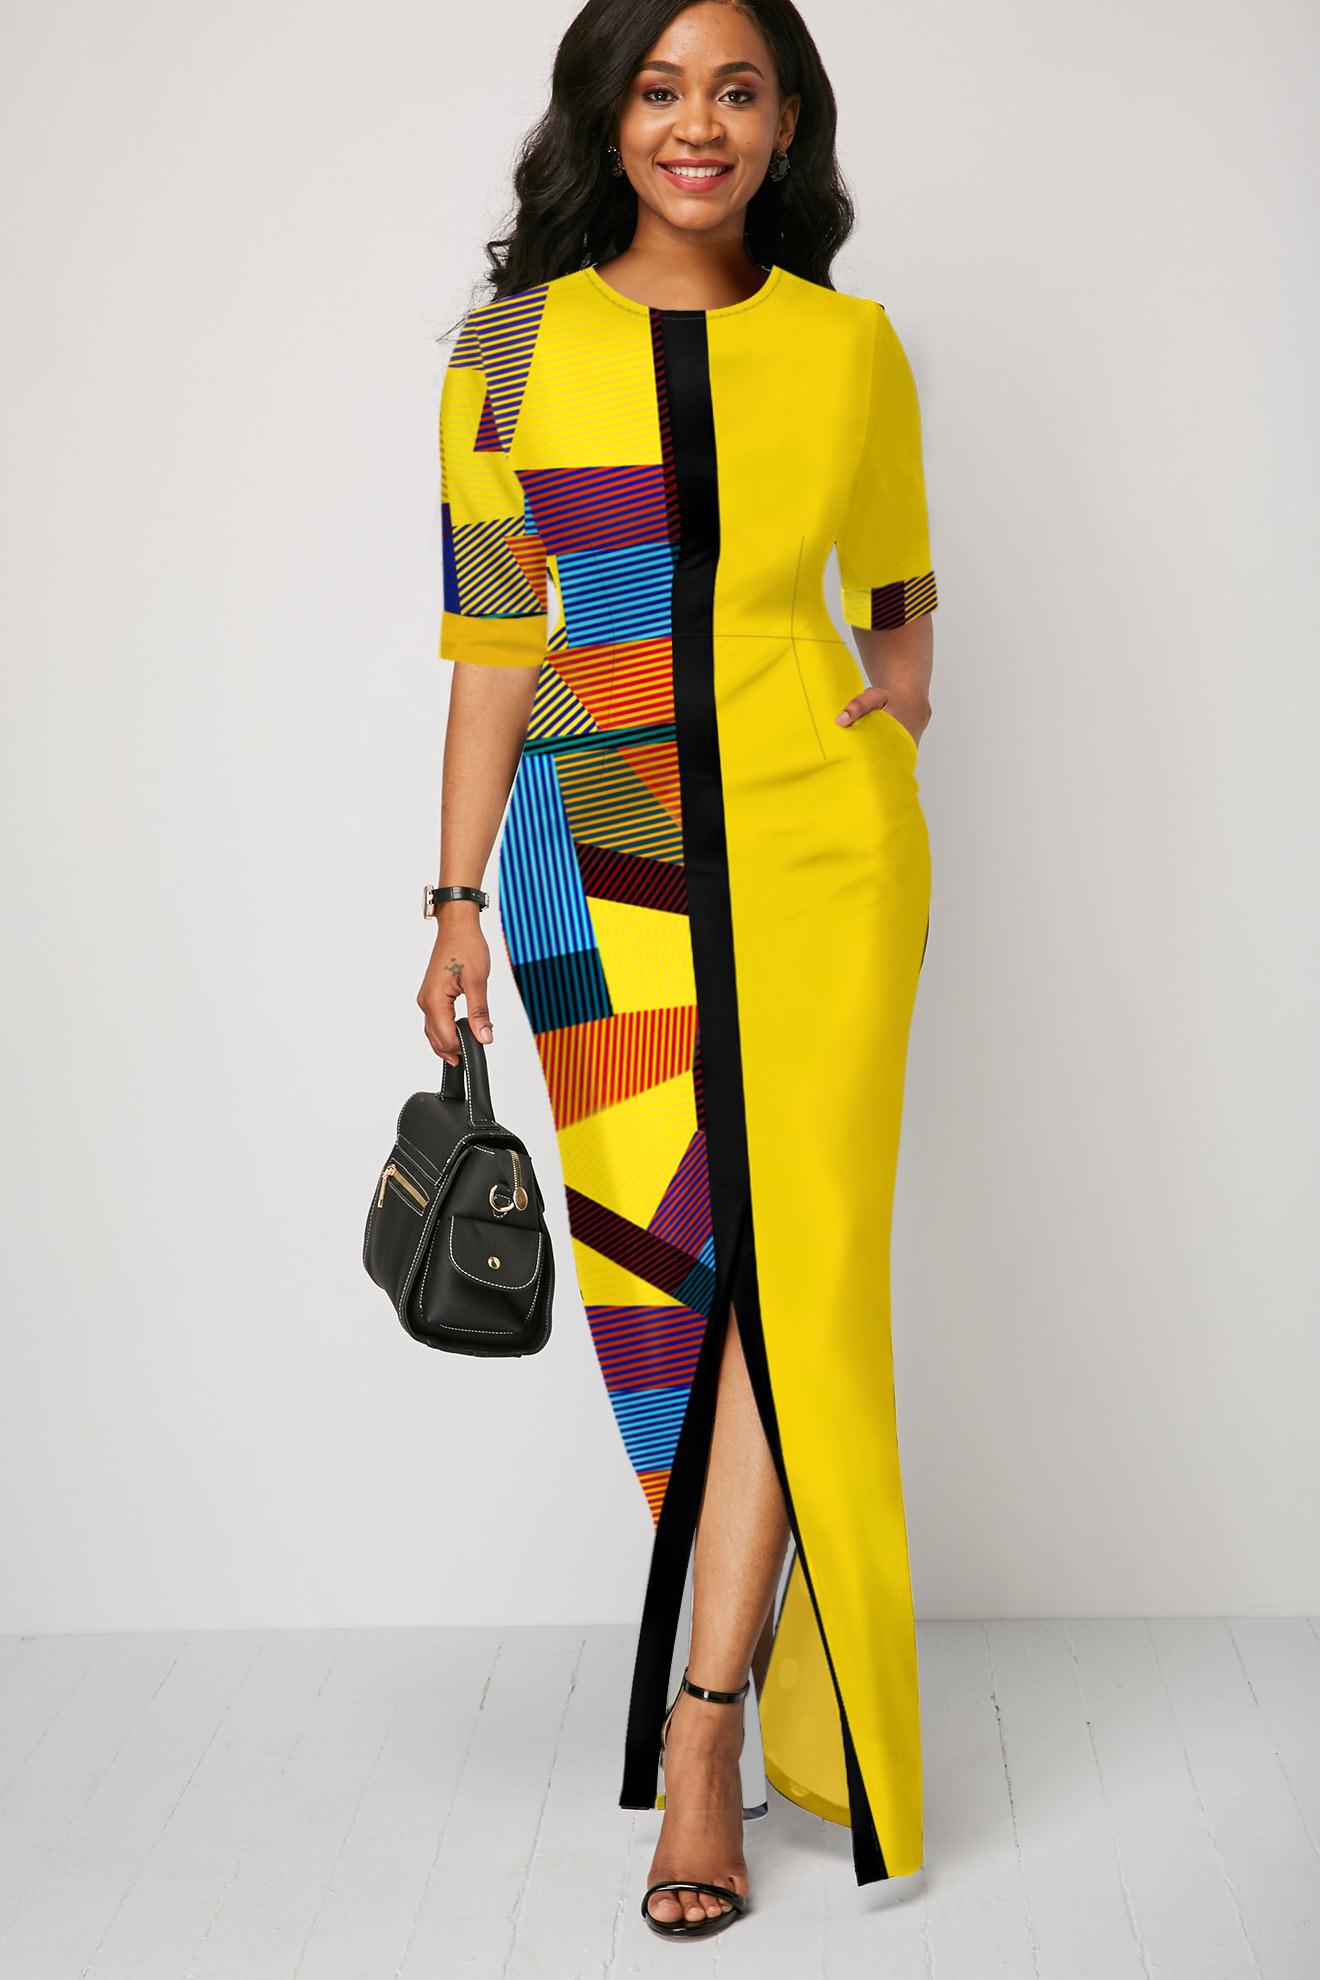 Geometric Print Slit Multi Color Half Sleeve Maxi Dress